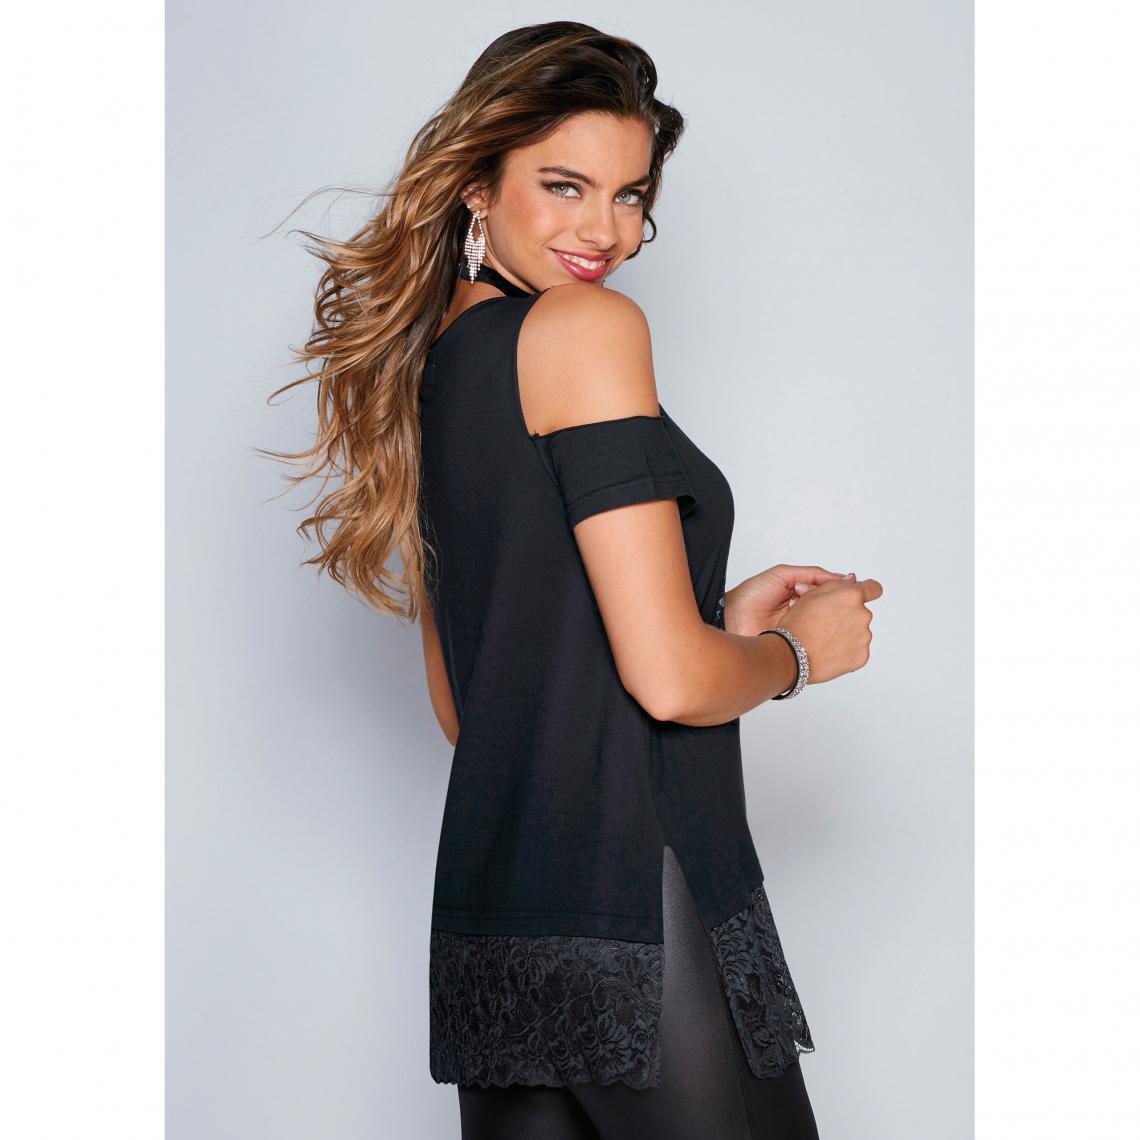 79954be5eac0 Tee-shirt fendu manches courtes épaules dénudées dentelle femme ...